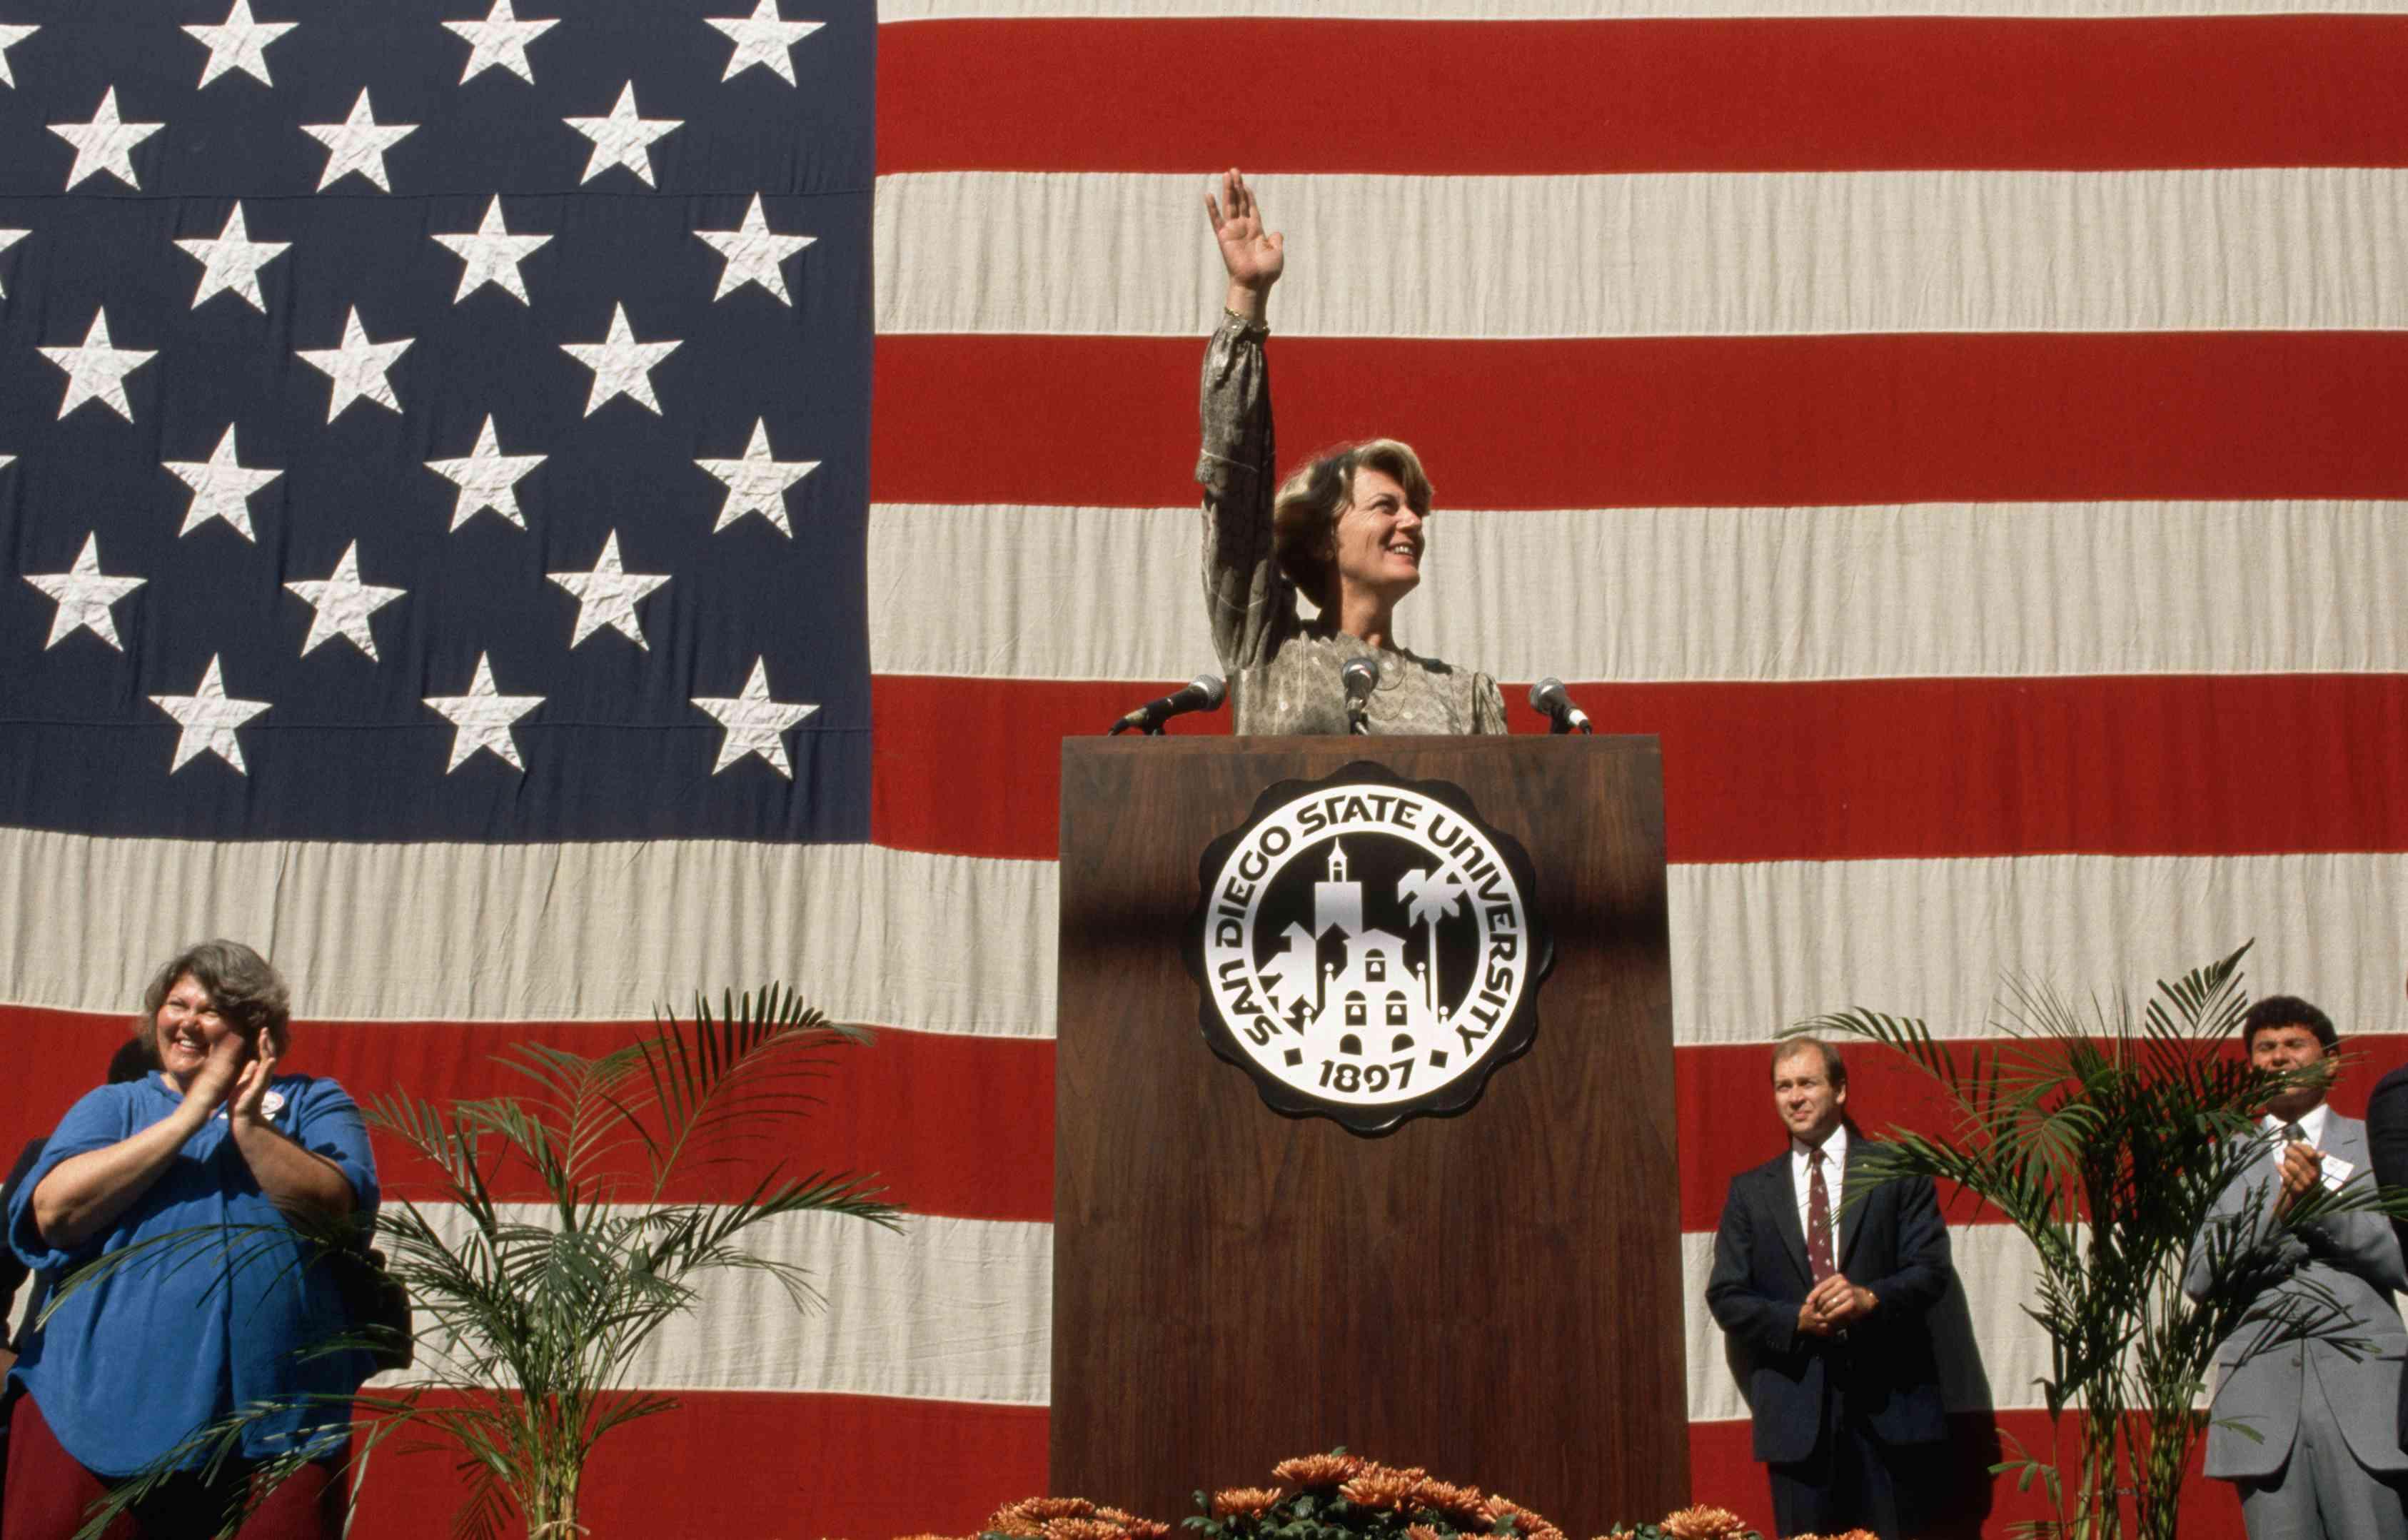 Geraldine Ferraro und die amerikanische Flagge